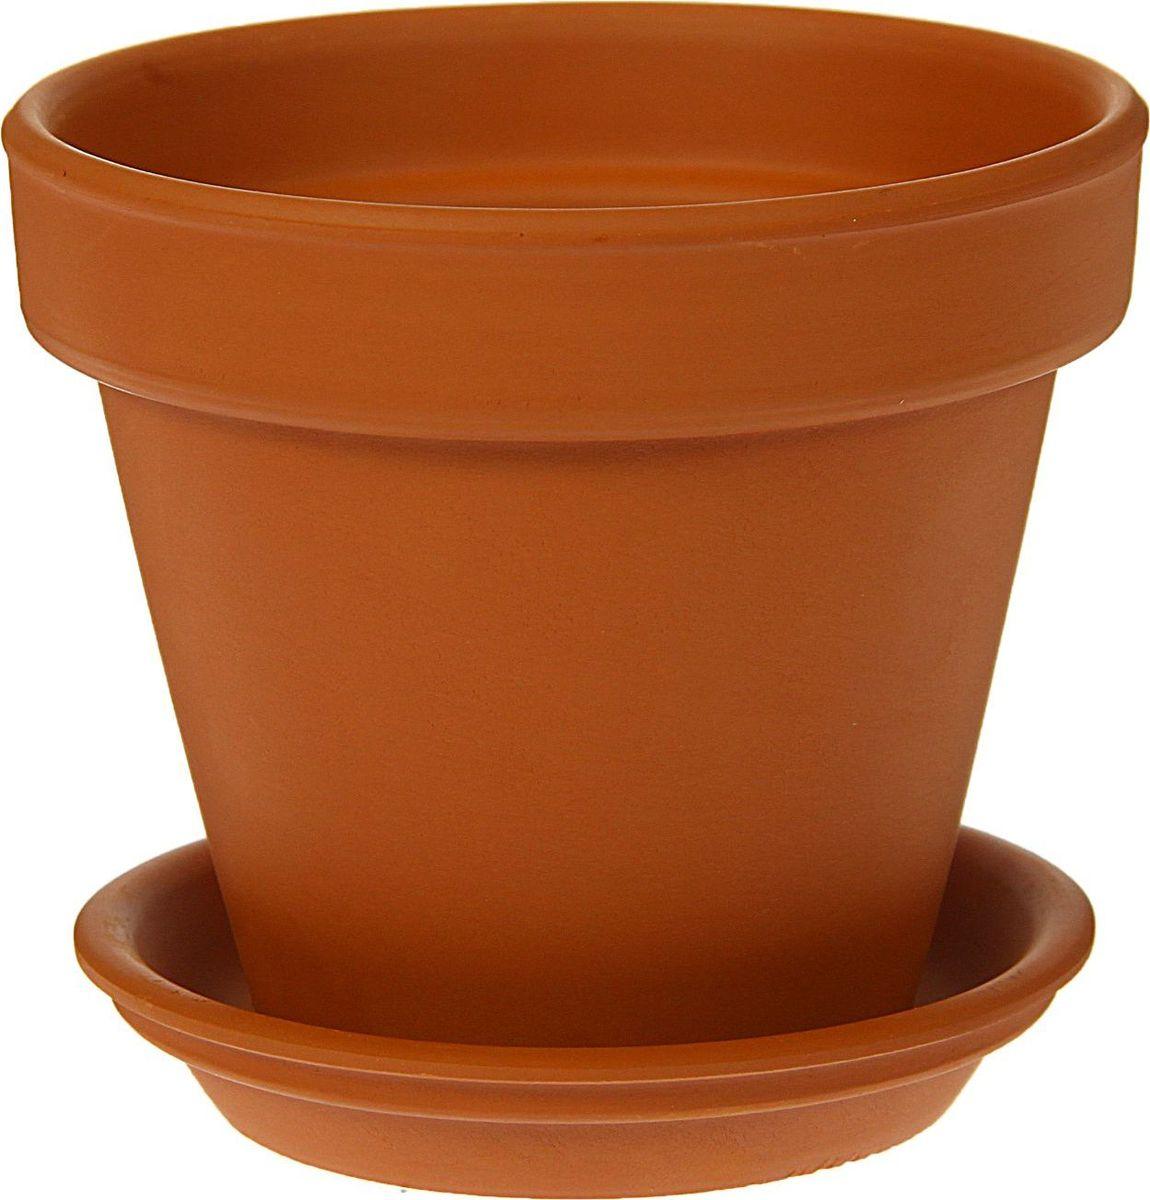 Кашпо Керамика ручной работы Стандарт, 0,6 л1354677Комнатные растения — всеобщие любимцы. Они радуют глаз, насыщают помещение кислородом и украшают пространство. Каждому из них необходим свой удобный и красивый дом. Кашпо из керамики прекрасно подходят для высадки растений: за счёт пластичности глины и разных способов обработки существует великое множество форм и дизайновпористый материал позволяет испаряться лишней влагевоздух, необходимый для дыхания корней, проникает сквозь керамические стенки! #name# позаботится о зелёном питомце, освежит интерьер и подчеркнёт его стиль.